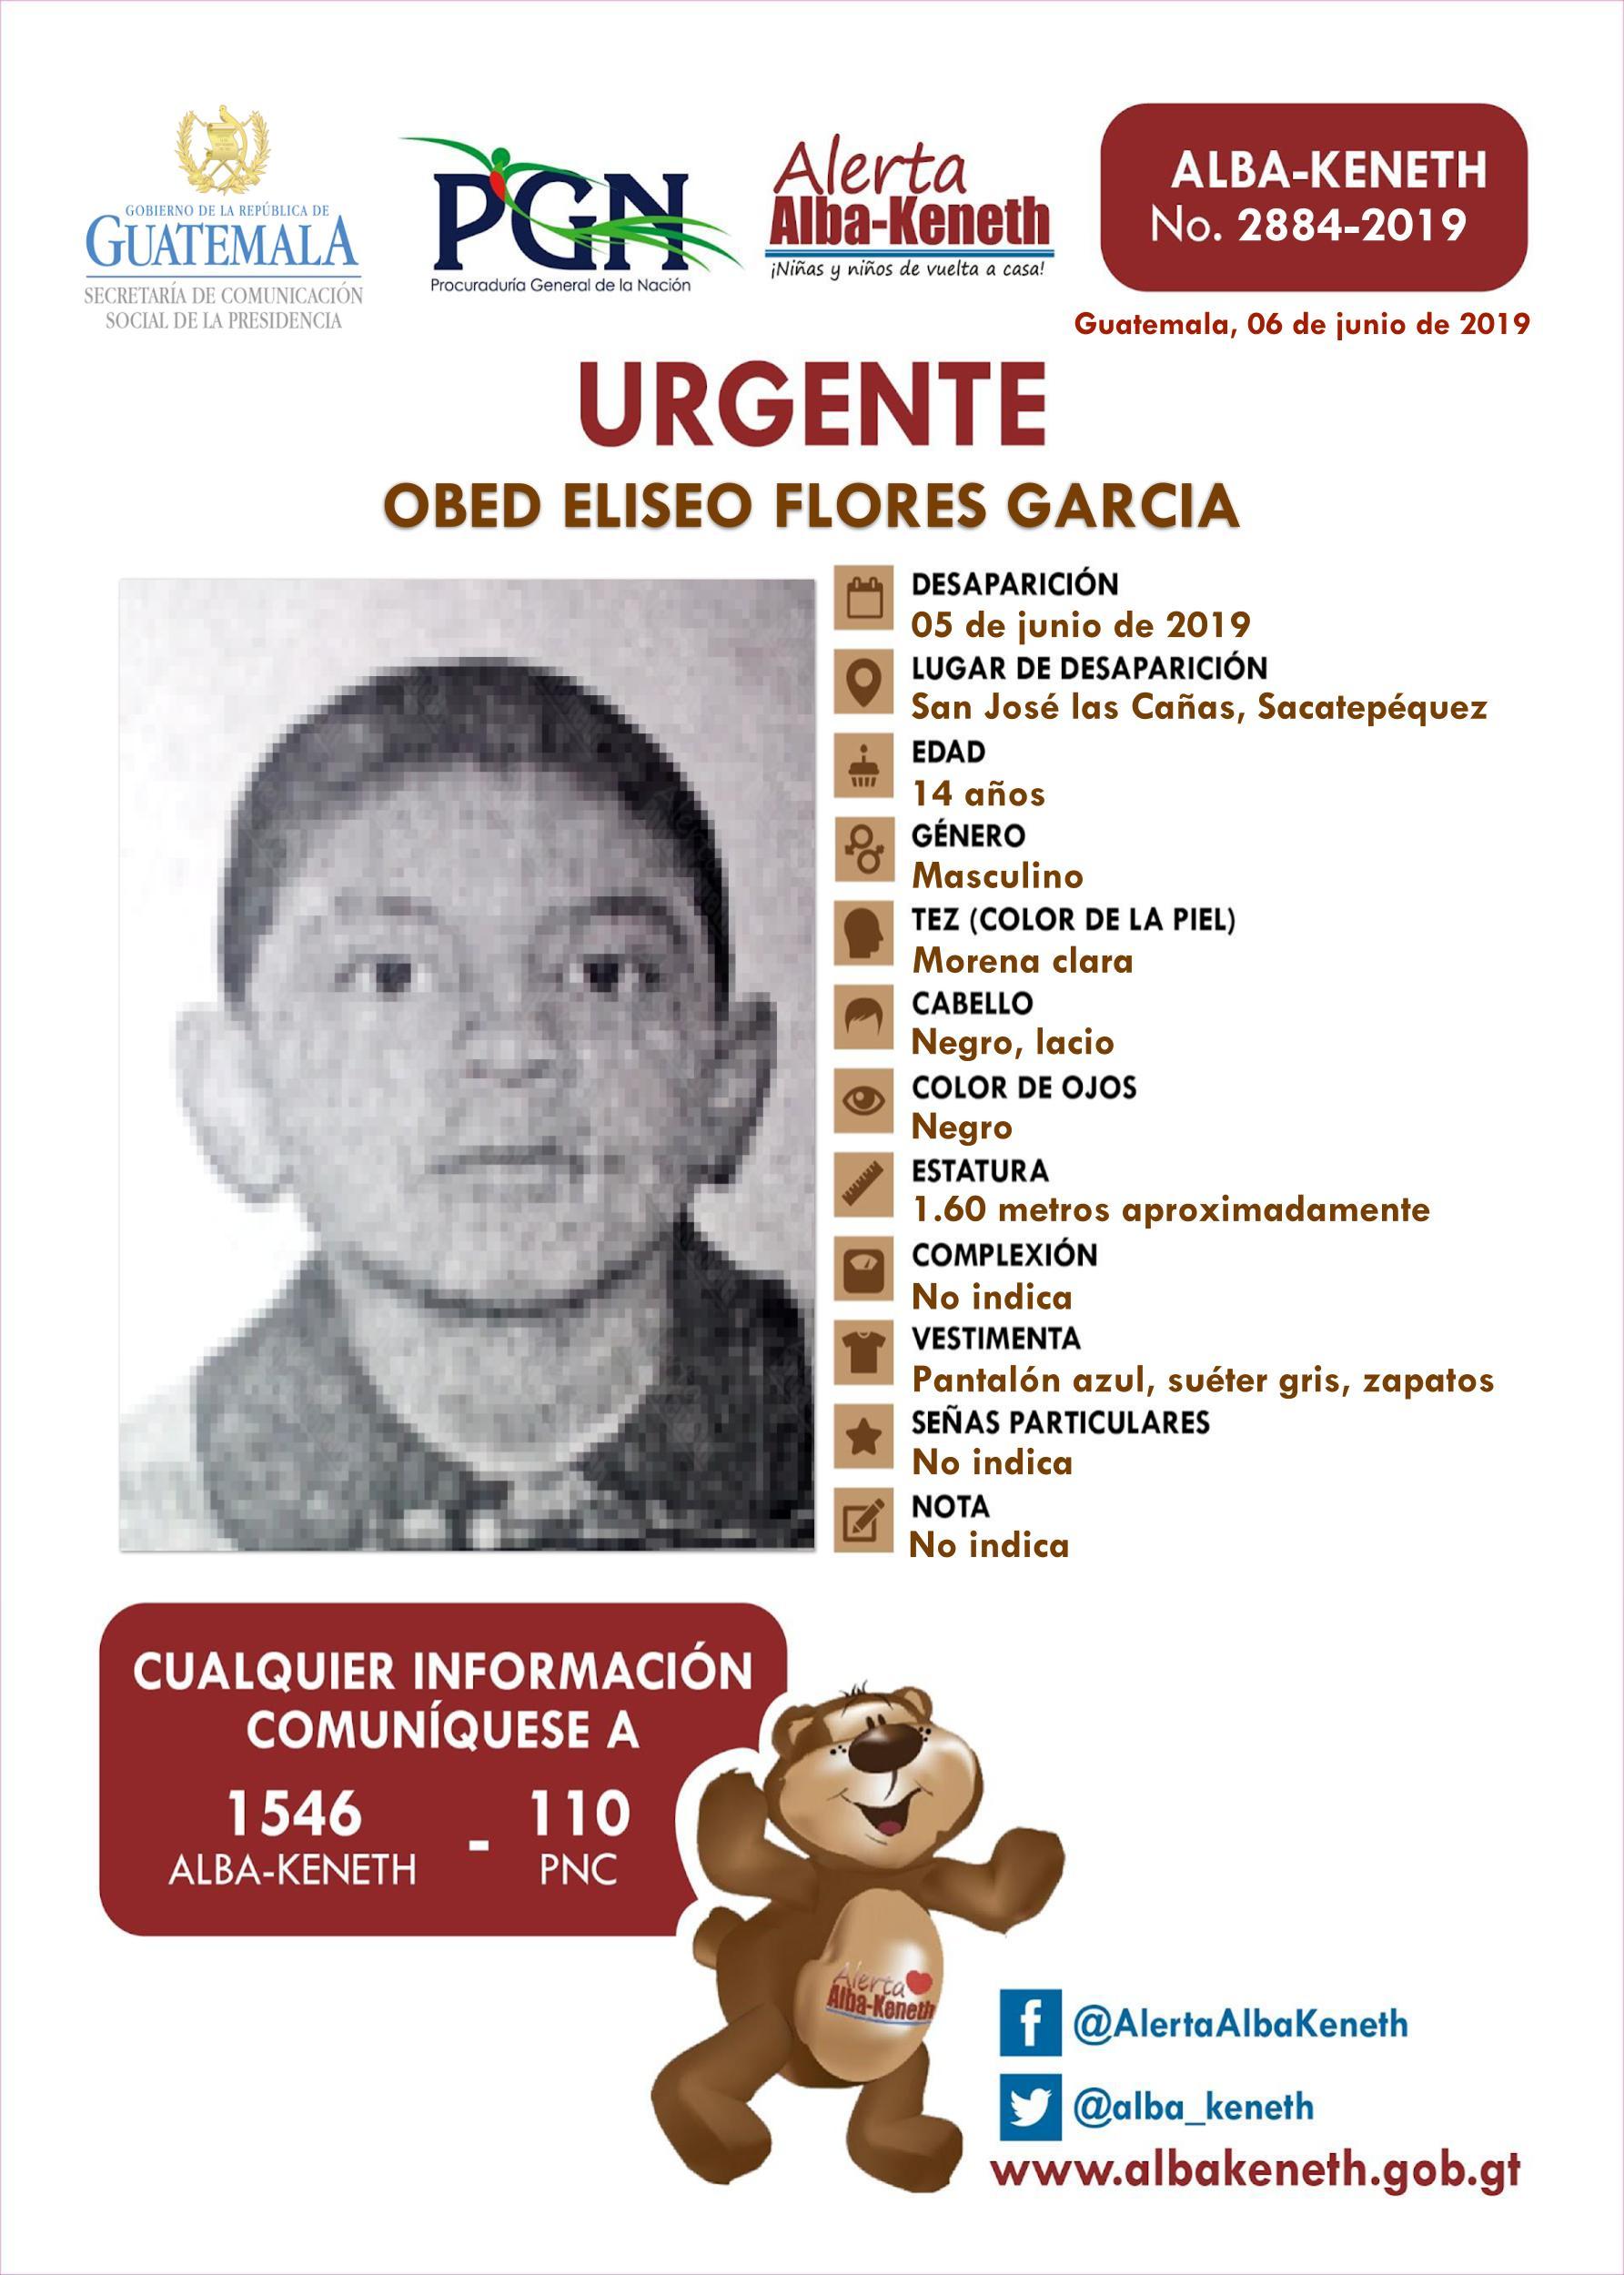 Obed Eliseo Flores Garcia